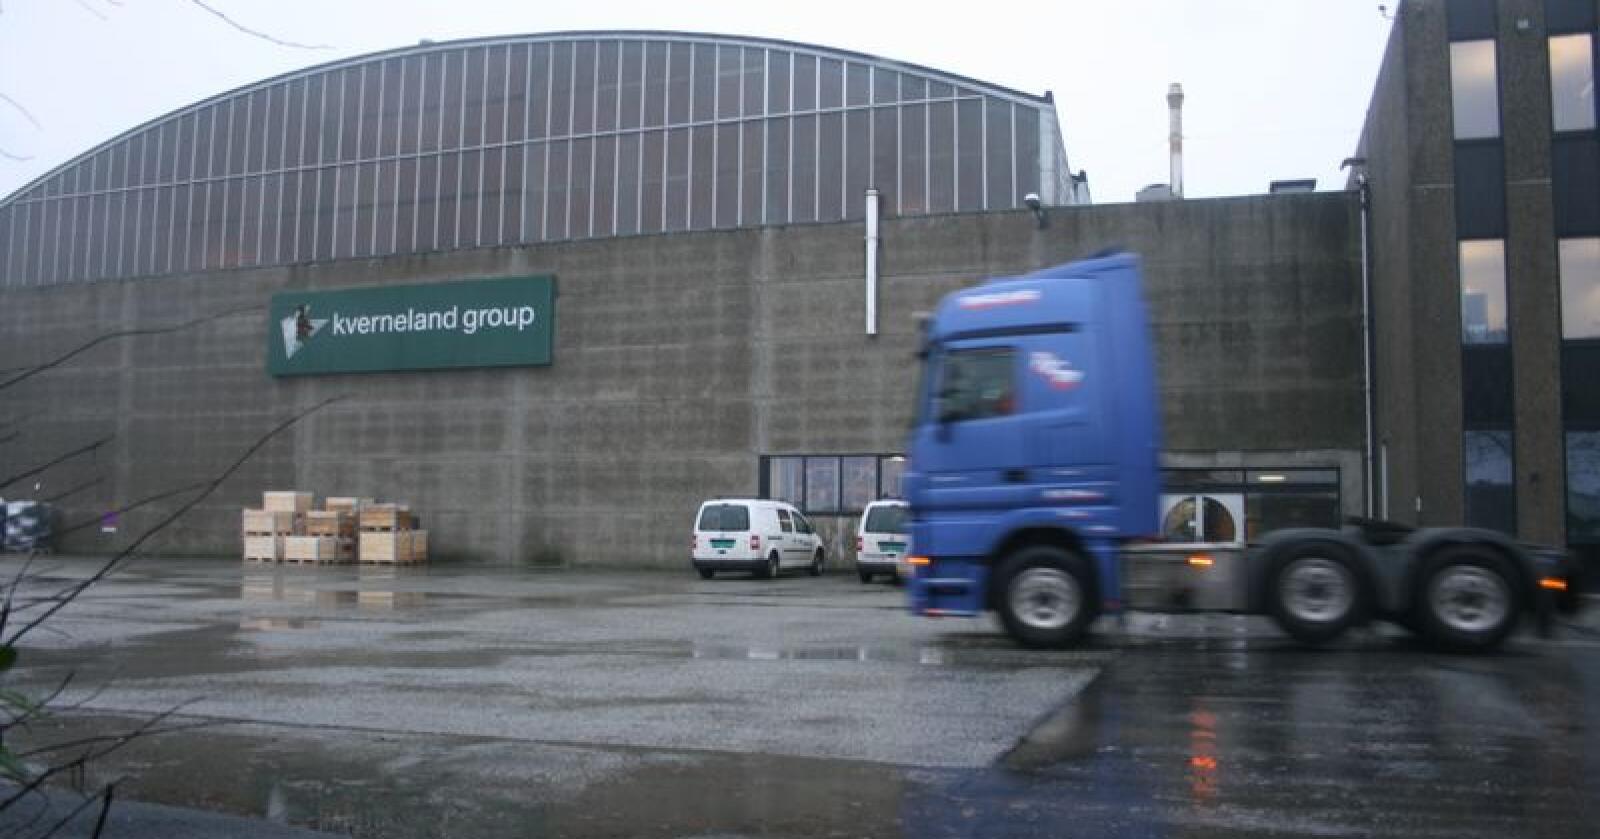 Kverneland Group Klepp er verdas største plogfabrikk. No må dei permittere endå fleire tilsette. Foto: Bjarne Bekkeheien Aase